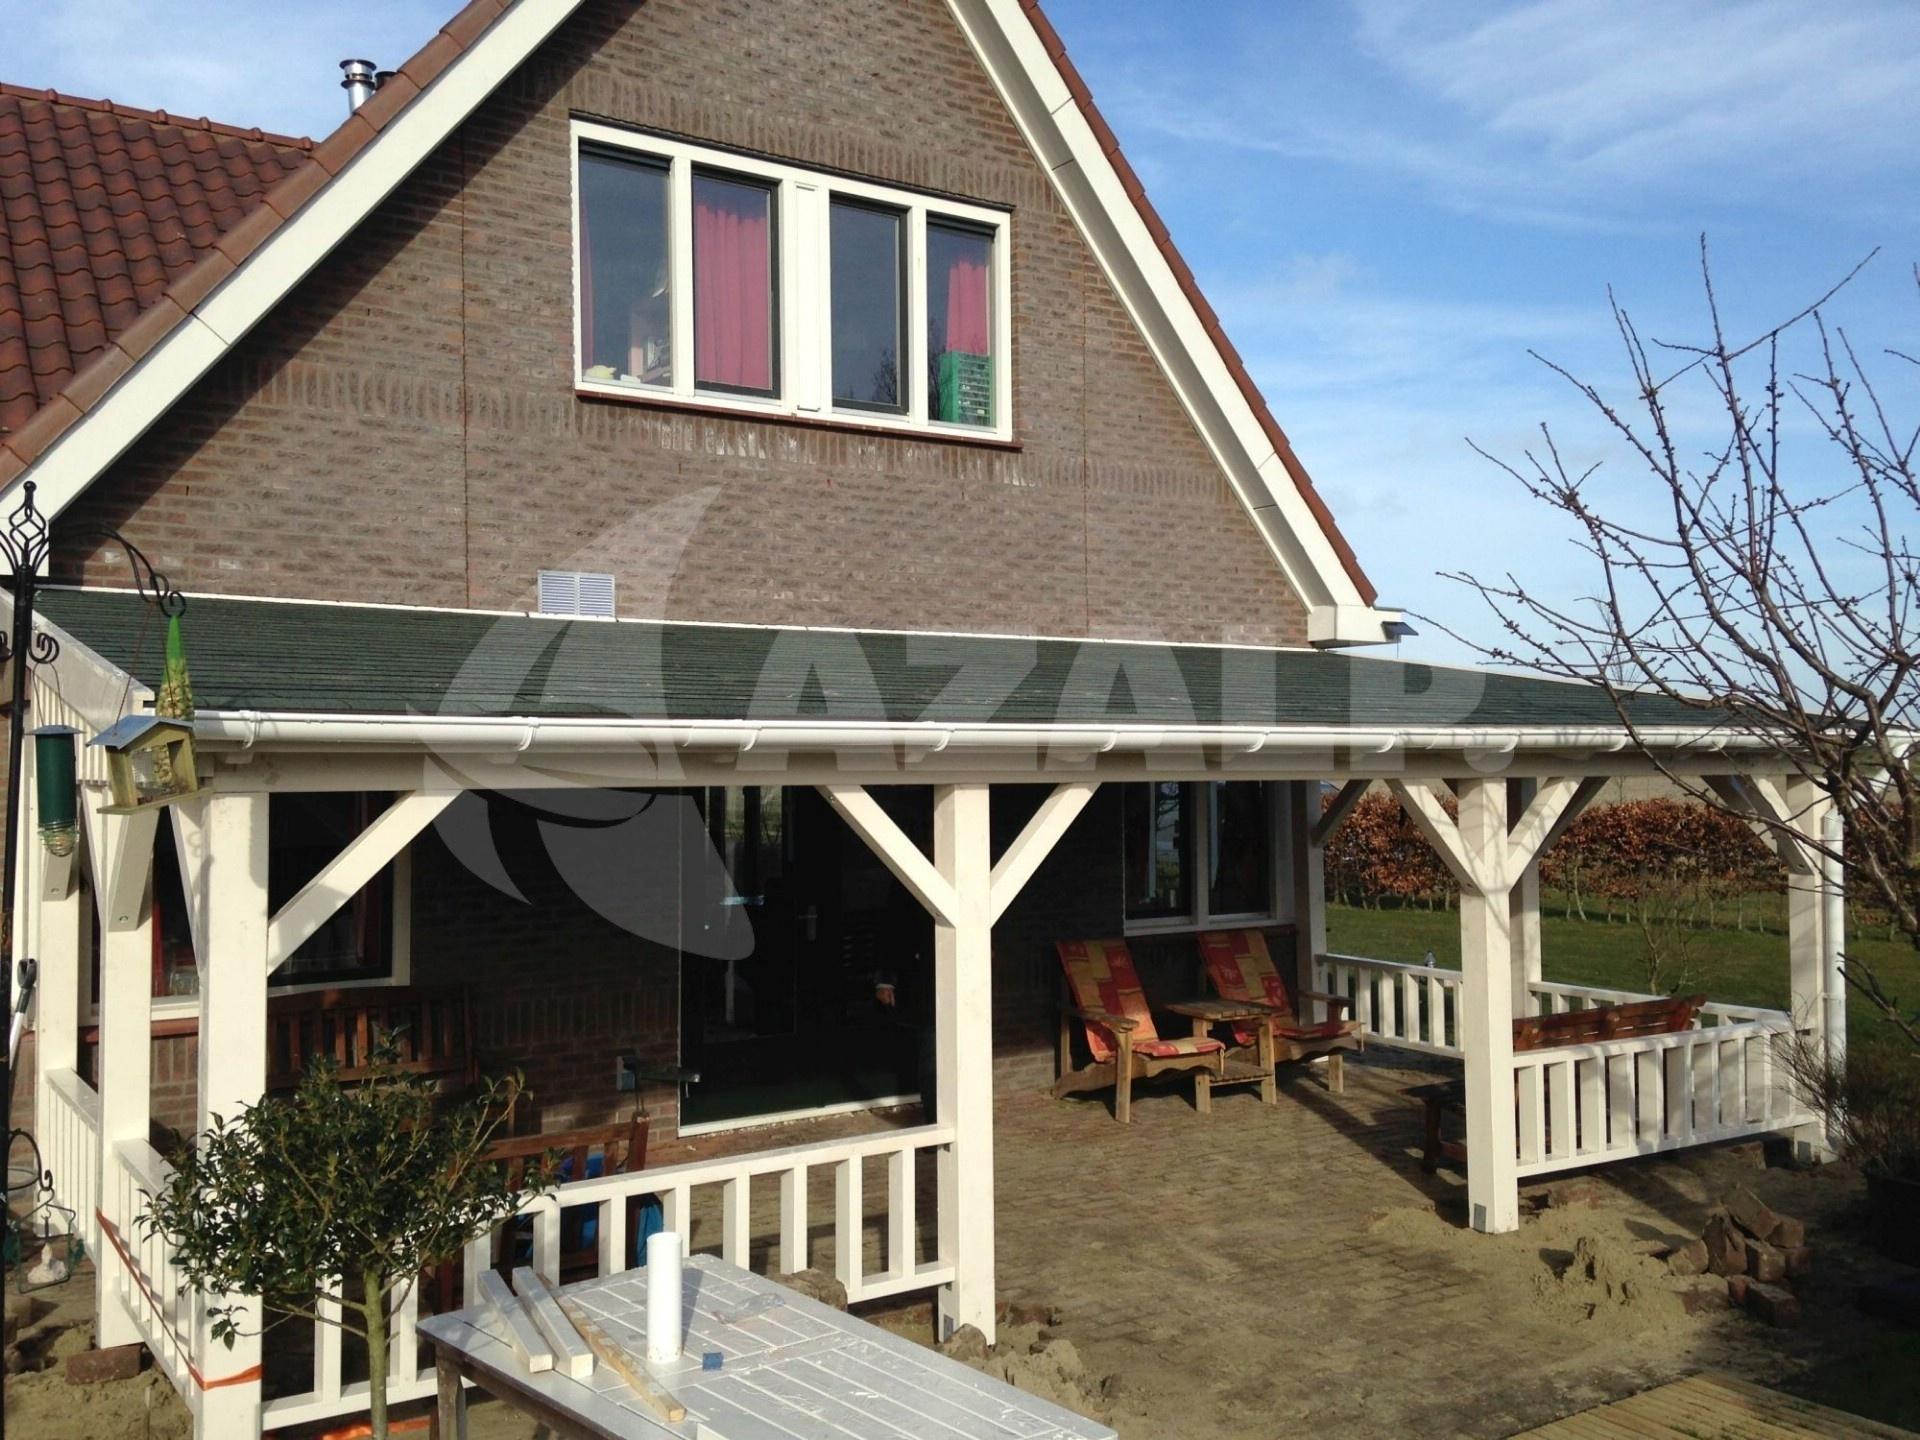 Azalp Terrassenuberdachung Holz 600x300 Cm Kaufen Bei Azalp De